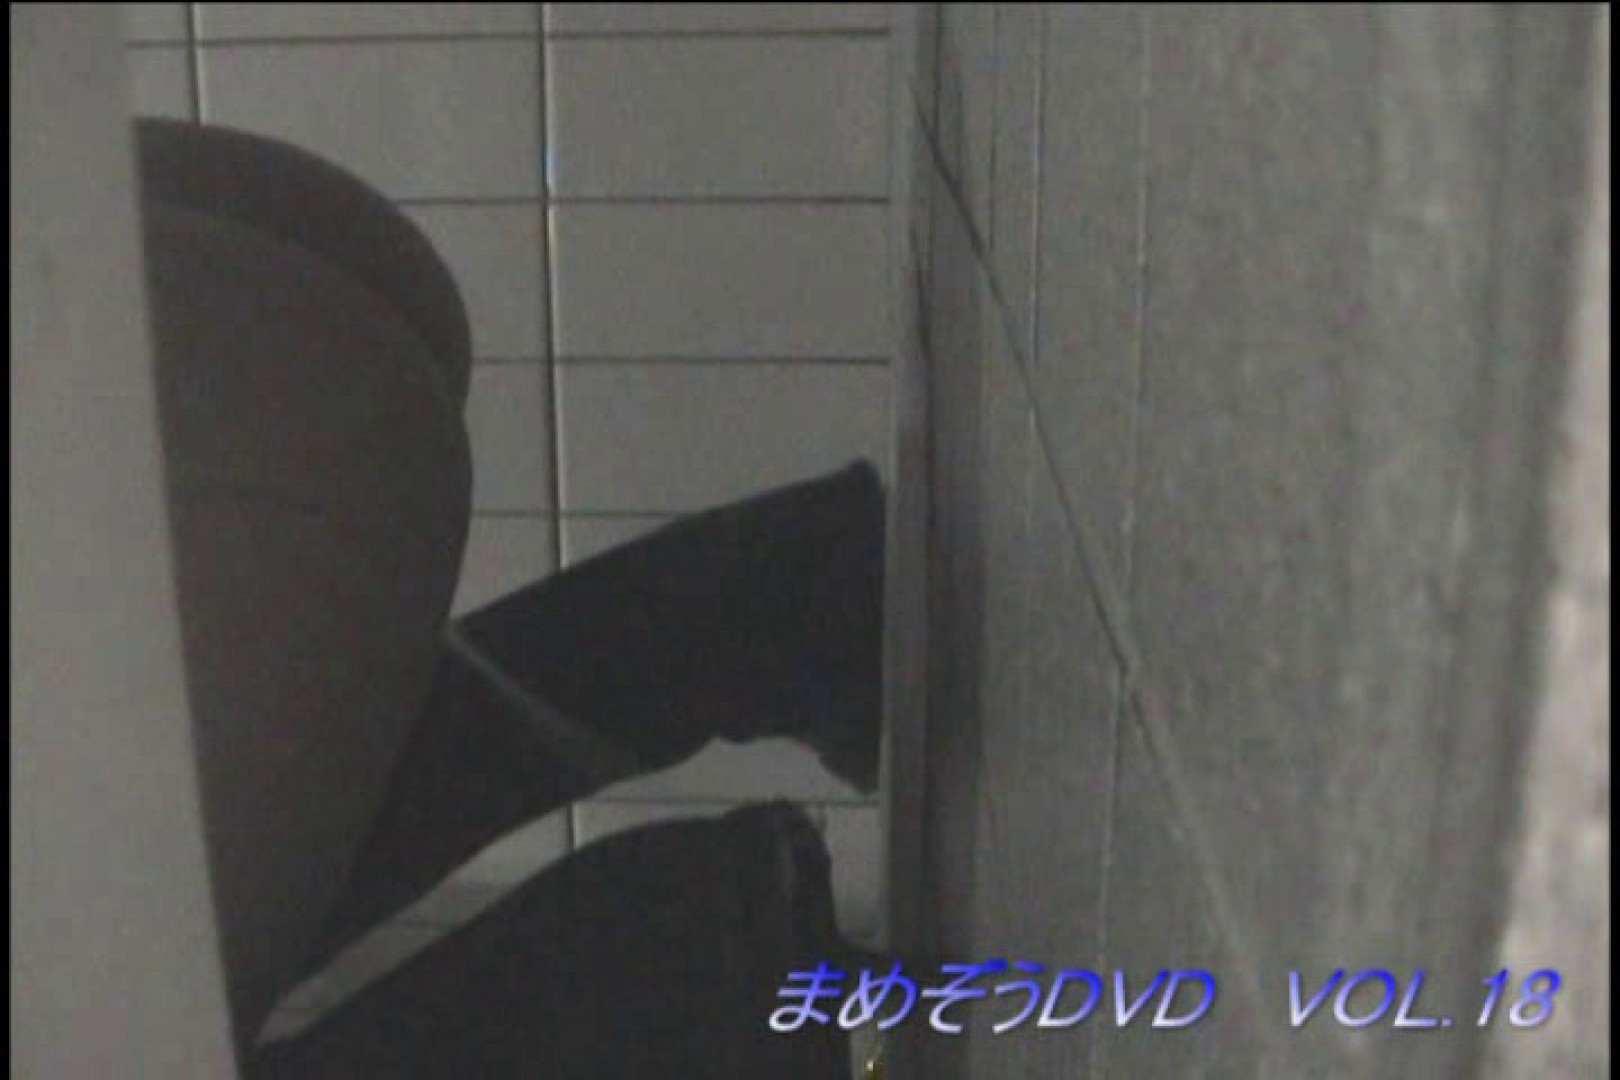 まめぞうDVD完全版VOL.18 ギャル盗撮映像  76PIX 26